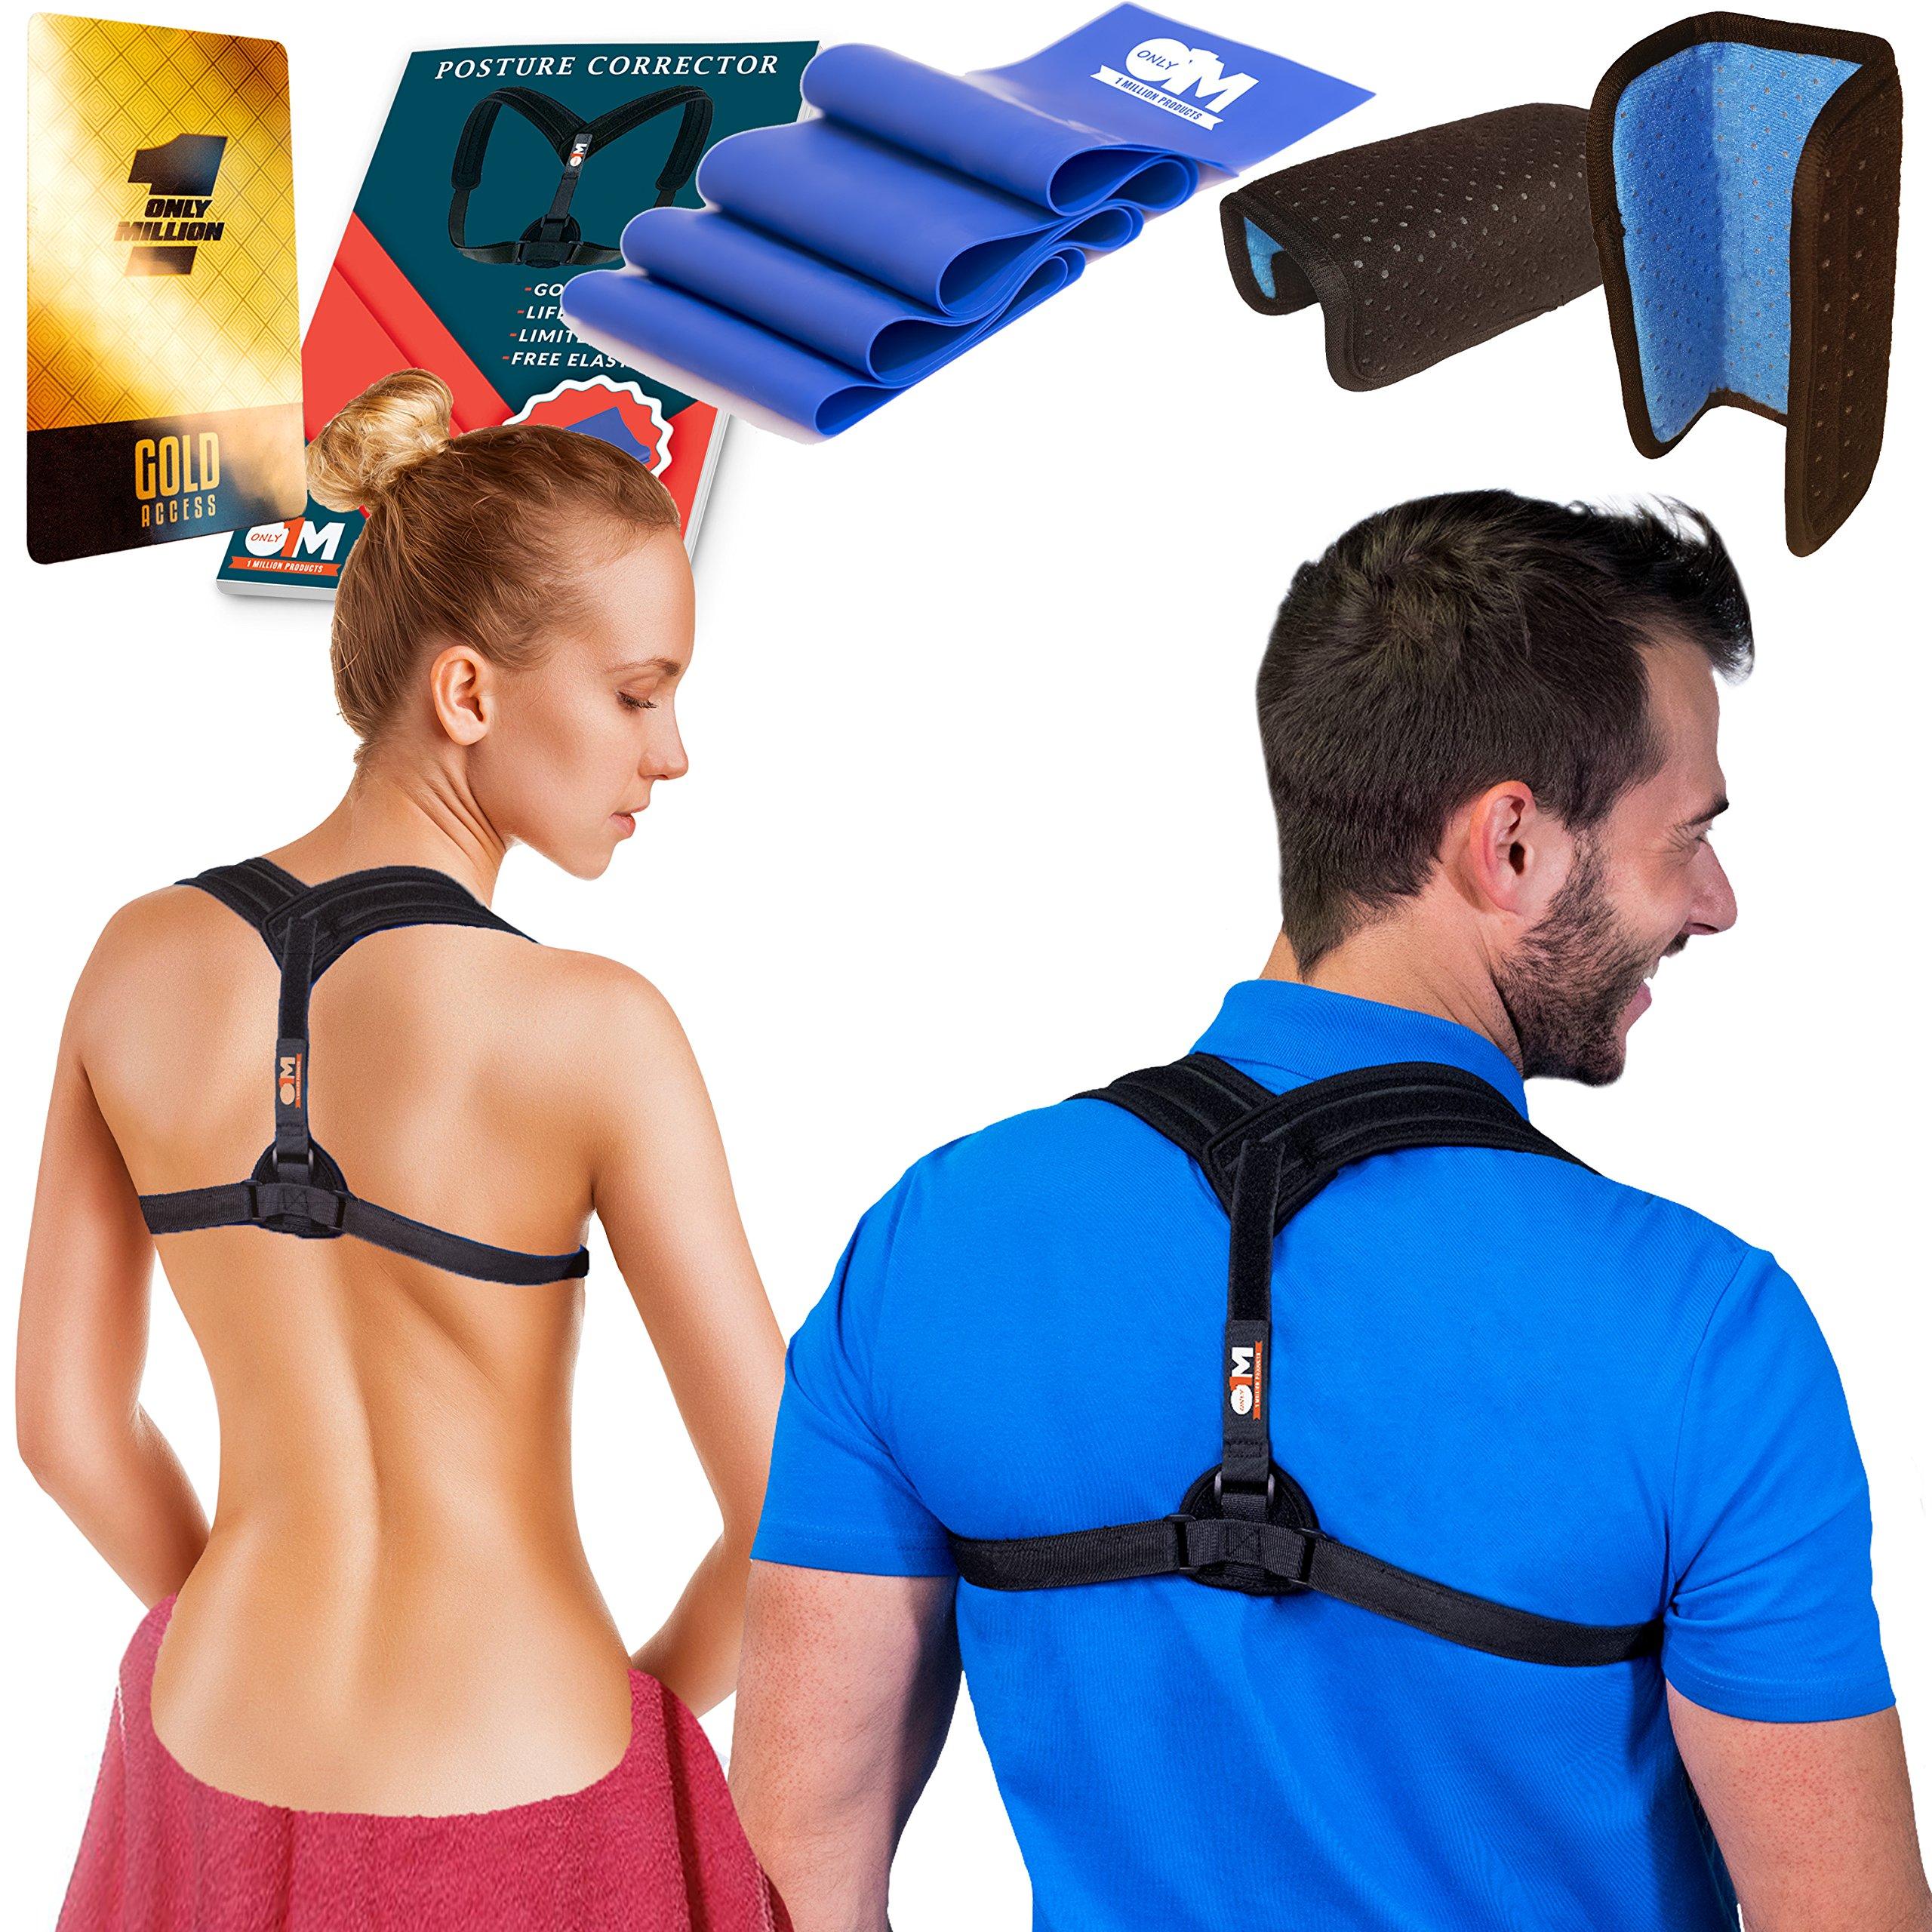 Only1MILLION Posture Corrector for Women & Men + Resistance Band for Fix Upper Back Pain – Adjustable Posture Brace for Improve Bad Posture | Thoracic Kyphosis Brace (Black)